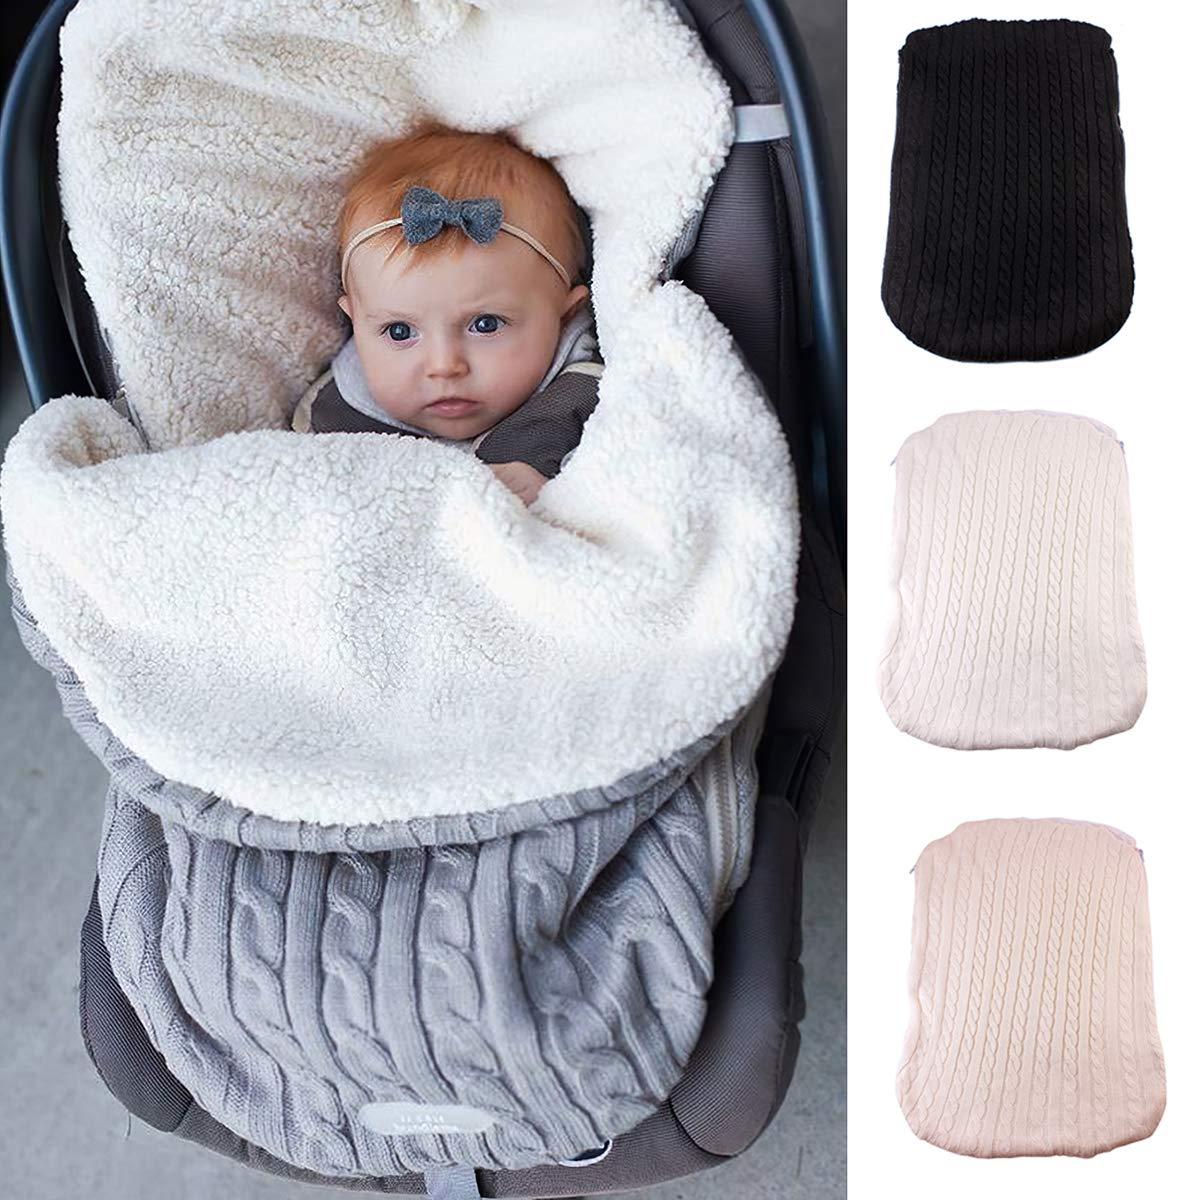 Fleece-Futter weich warm f/ür Kleinkinder Baby Pucksack Kinderwagen gestrickt Schlafsack dick